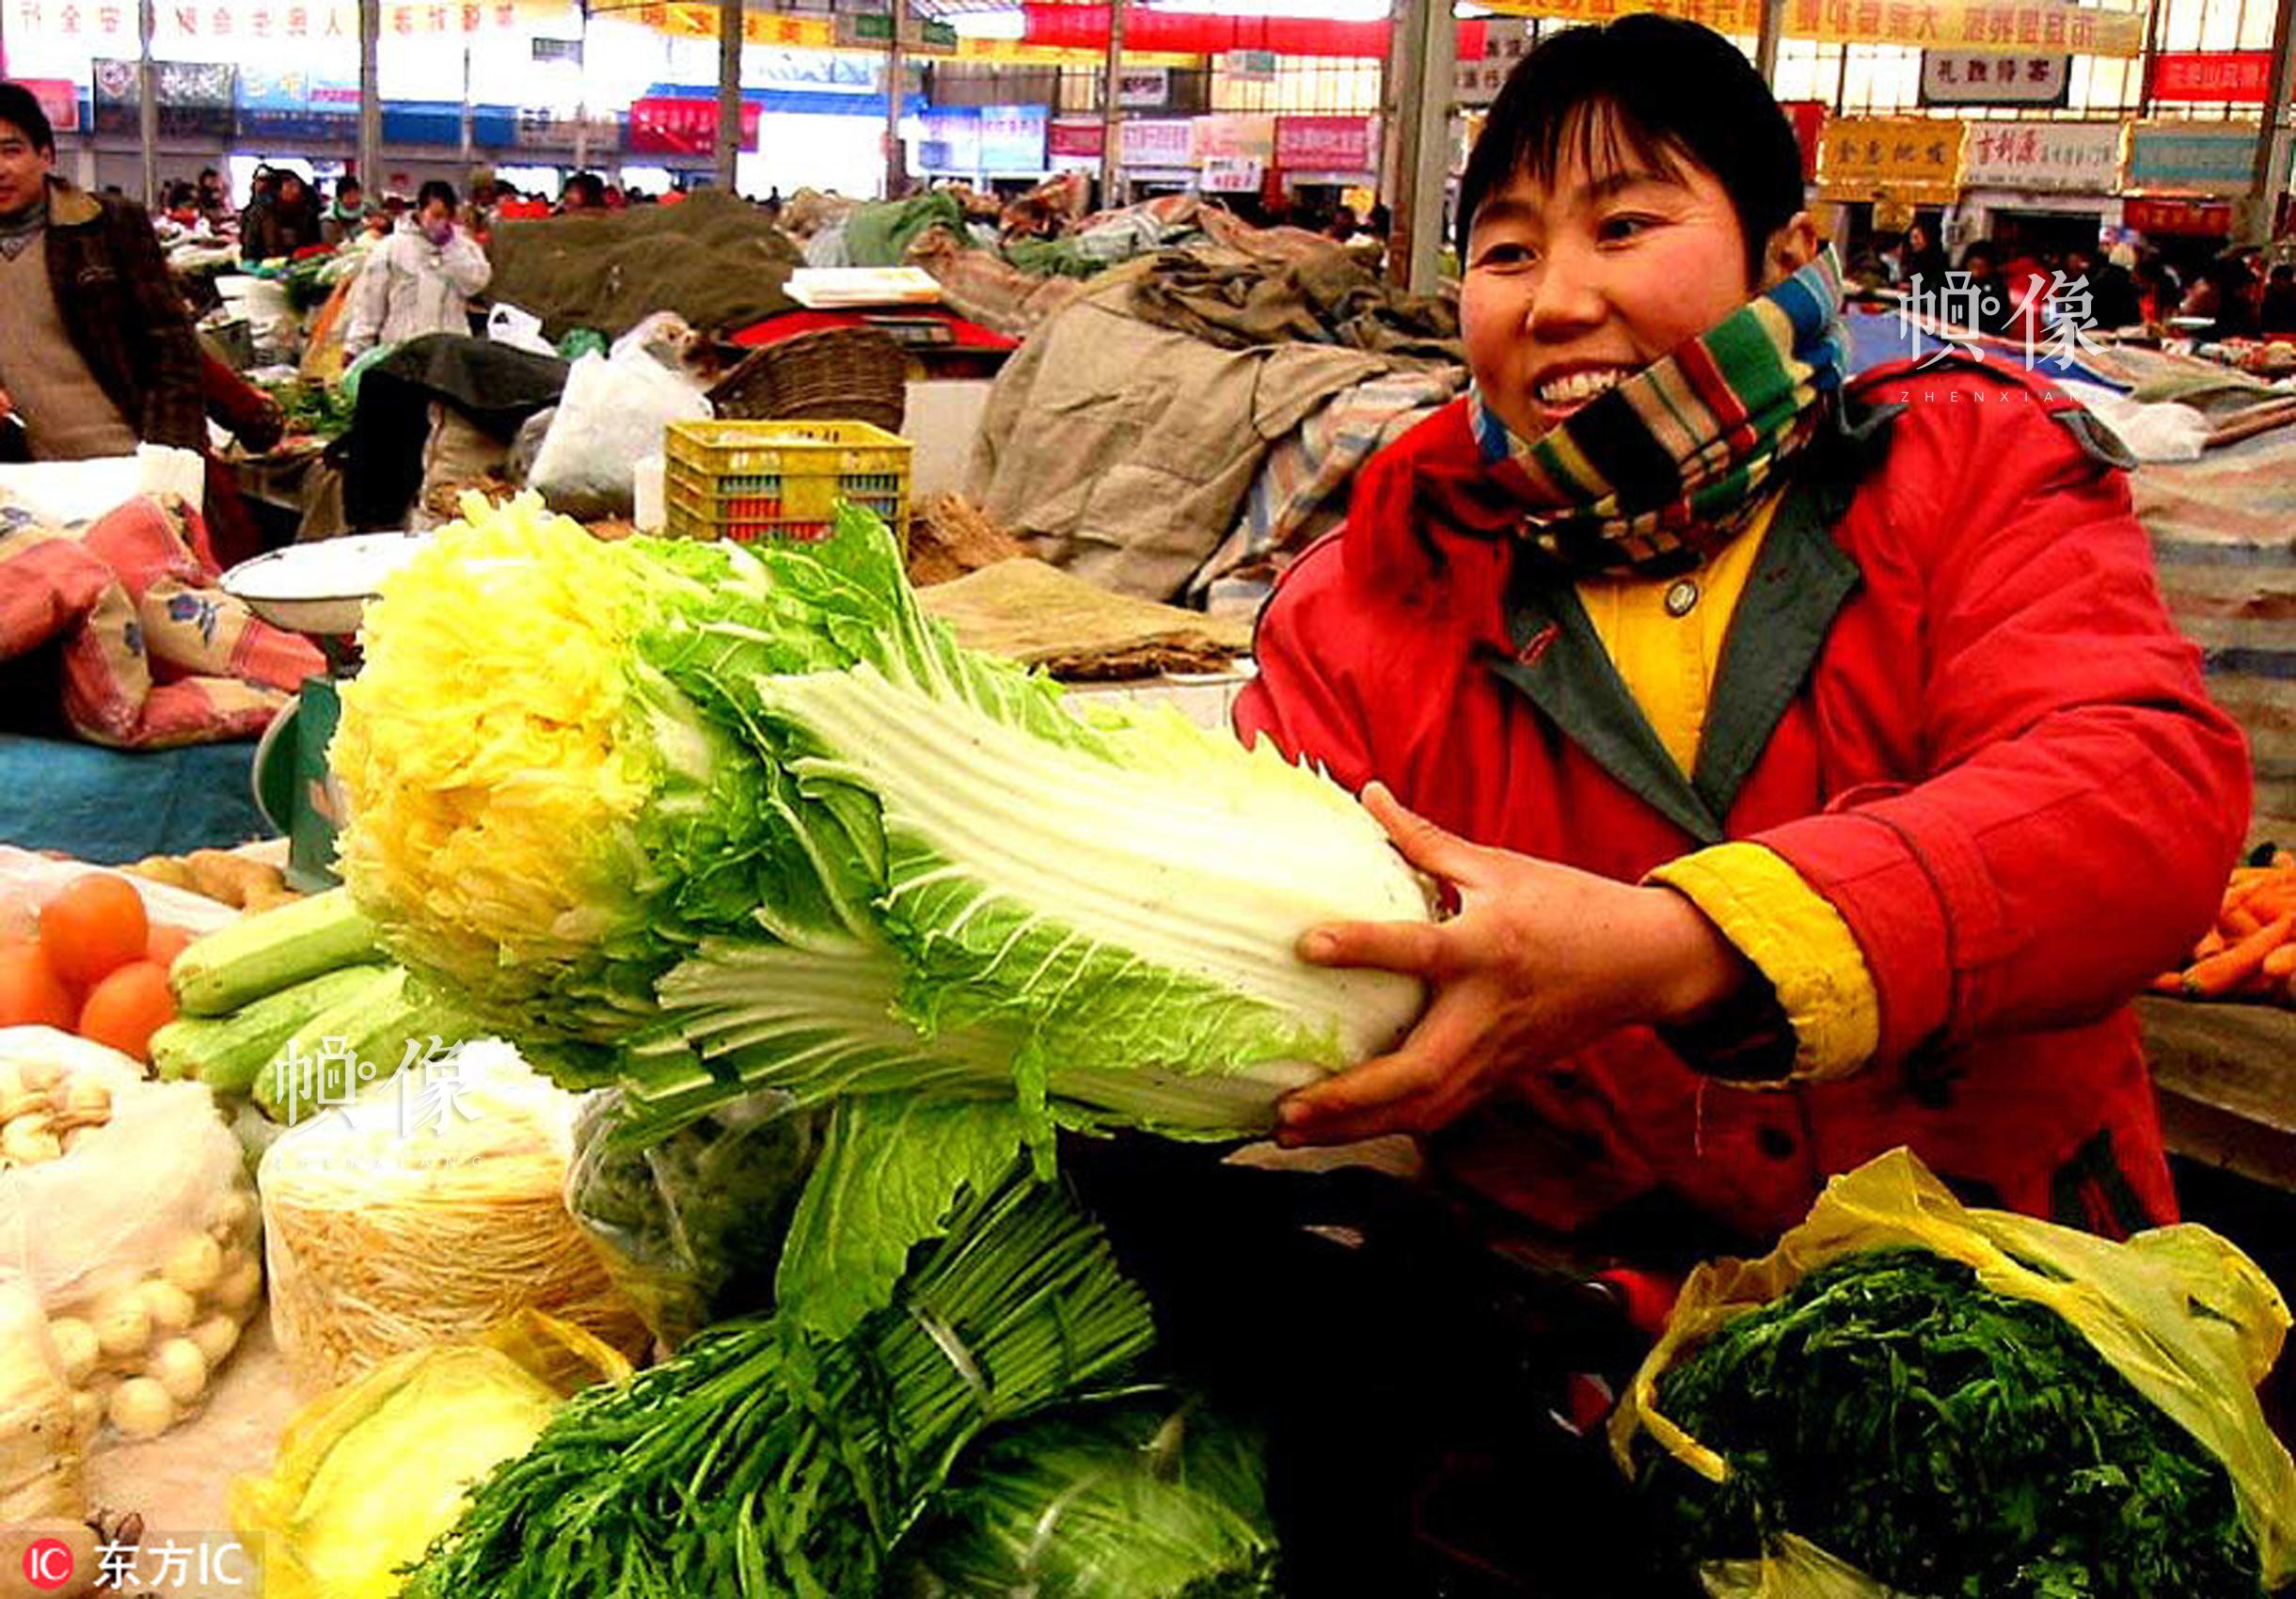 2002年1月6日,图为上海浦南蔬菜市场,市民还排队争购大白菜。东方IC